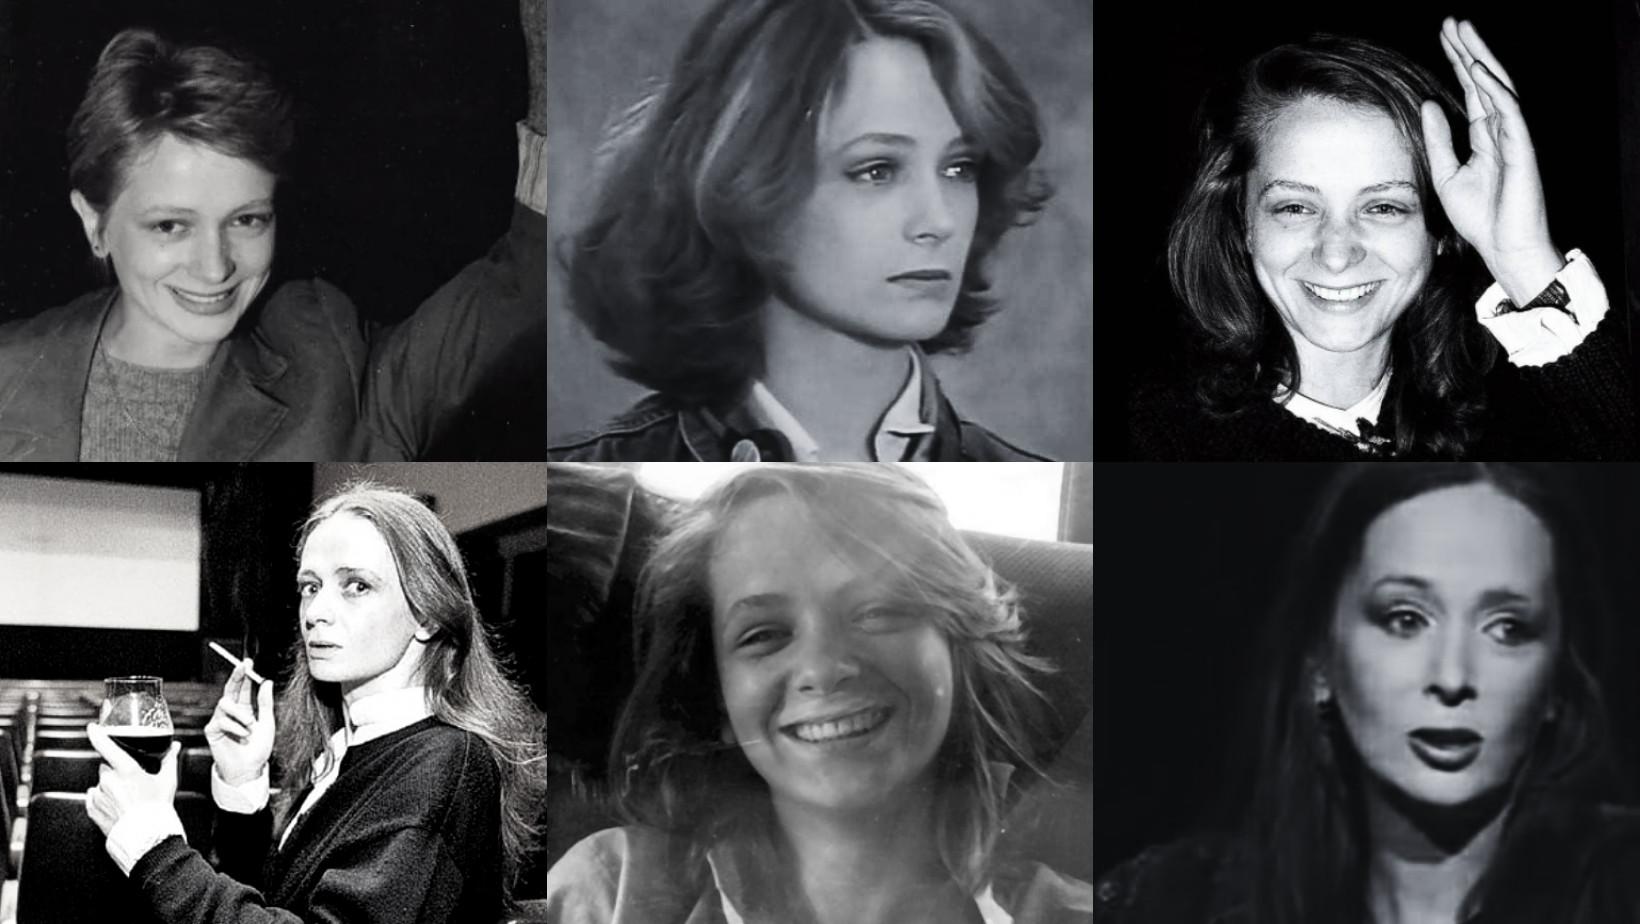 13 GODINA OD SMRTI NEZABORAVNE SONJE SAVIĆ! Imala je JEDNU ljubav čitavog života, a tragična priča o njenoj smrti se i danas prepričava!